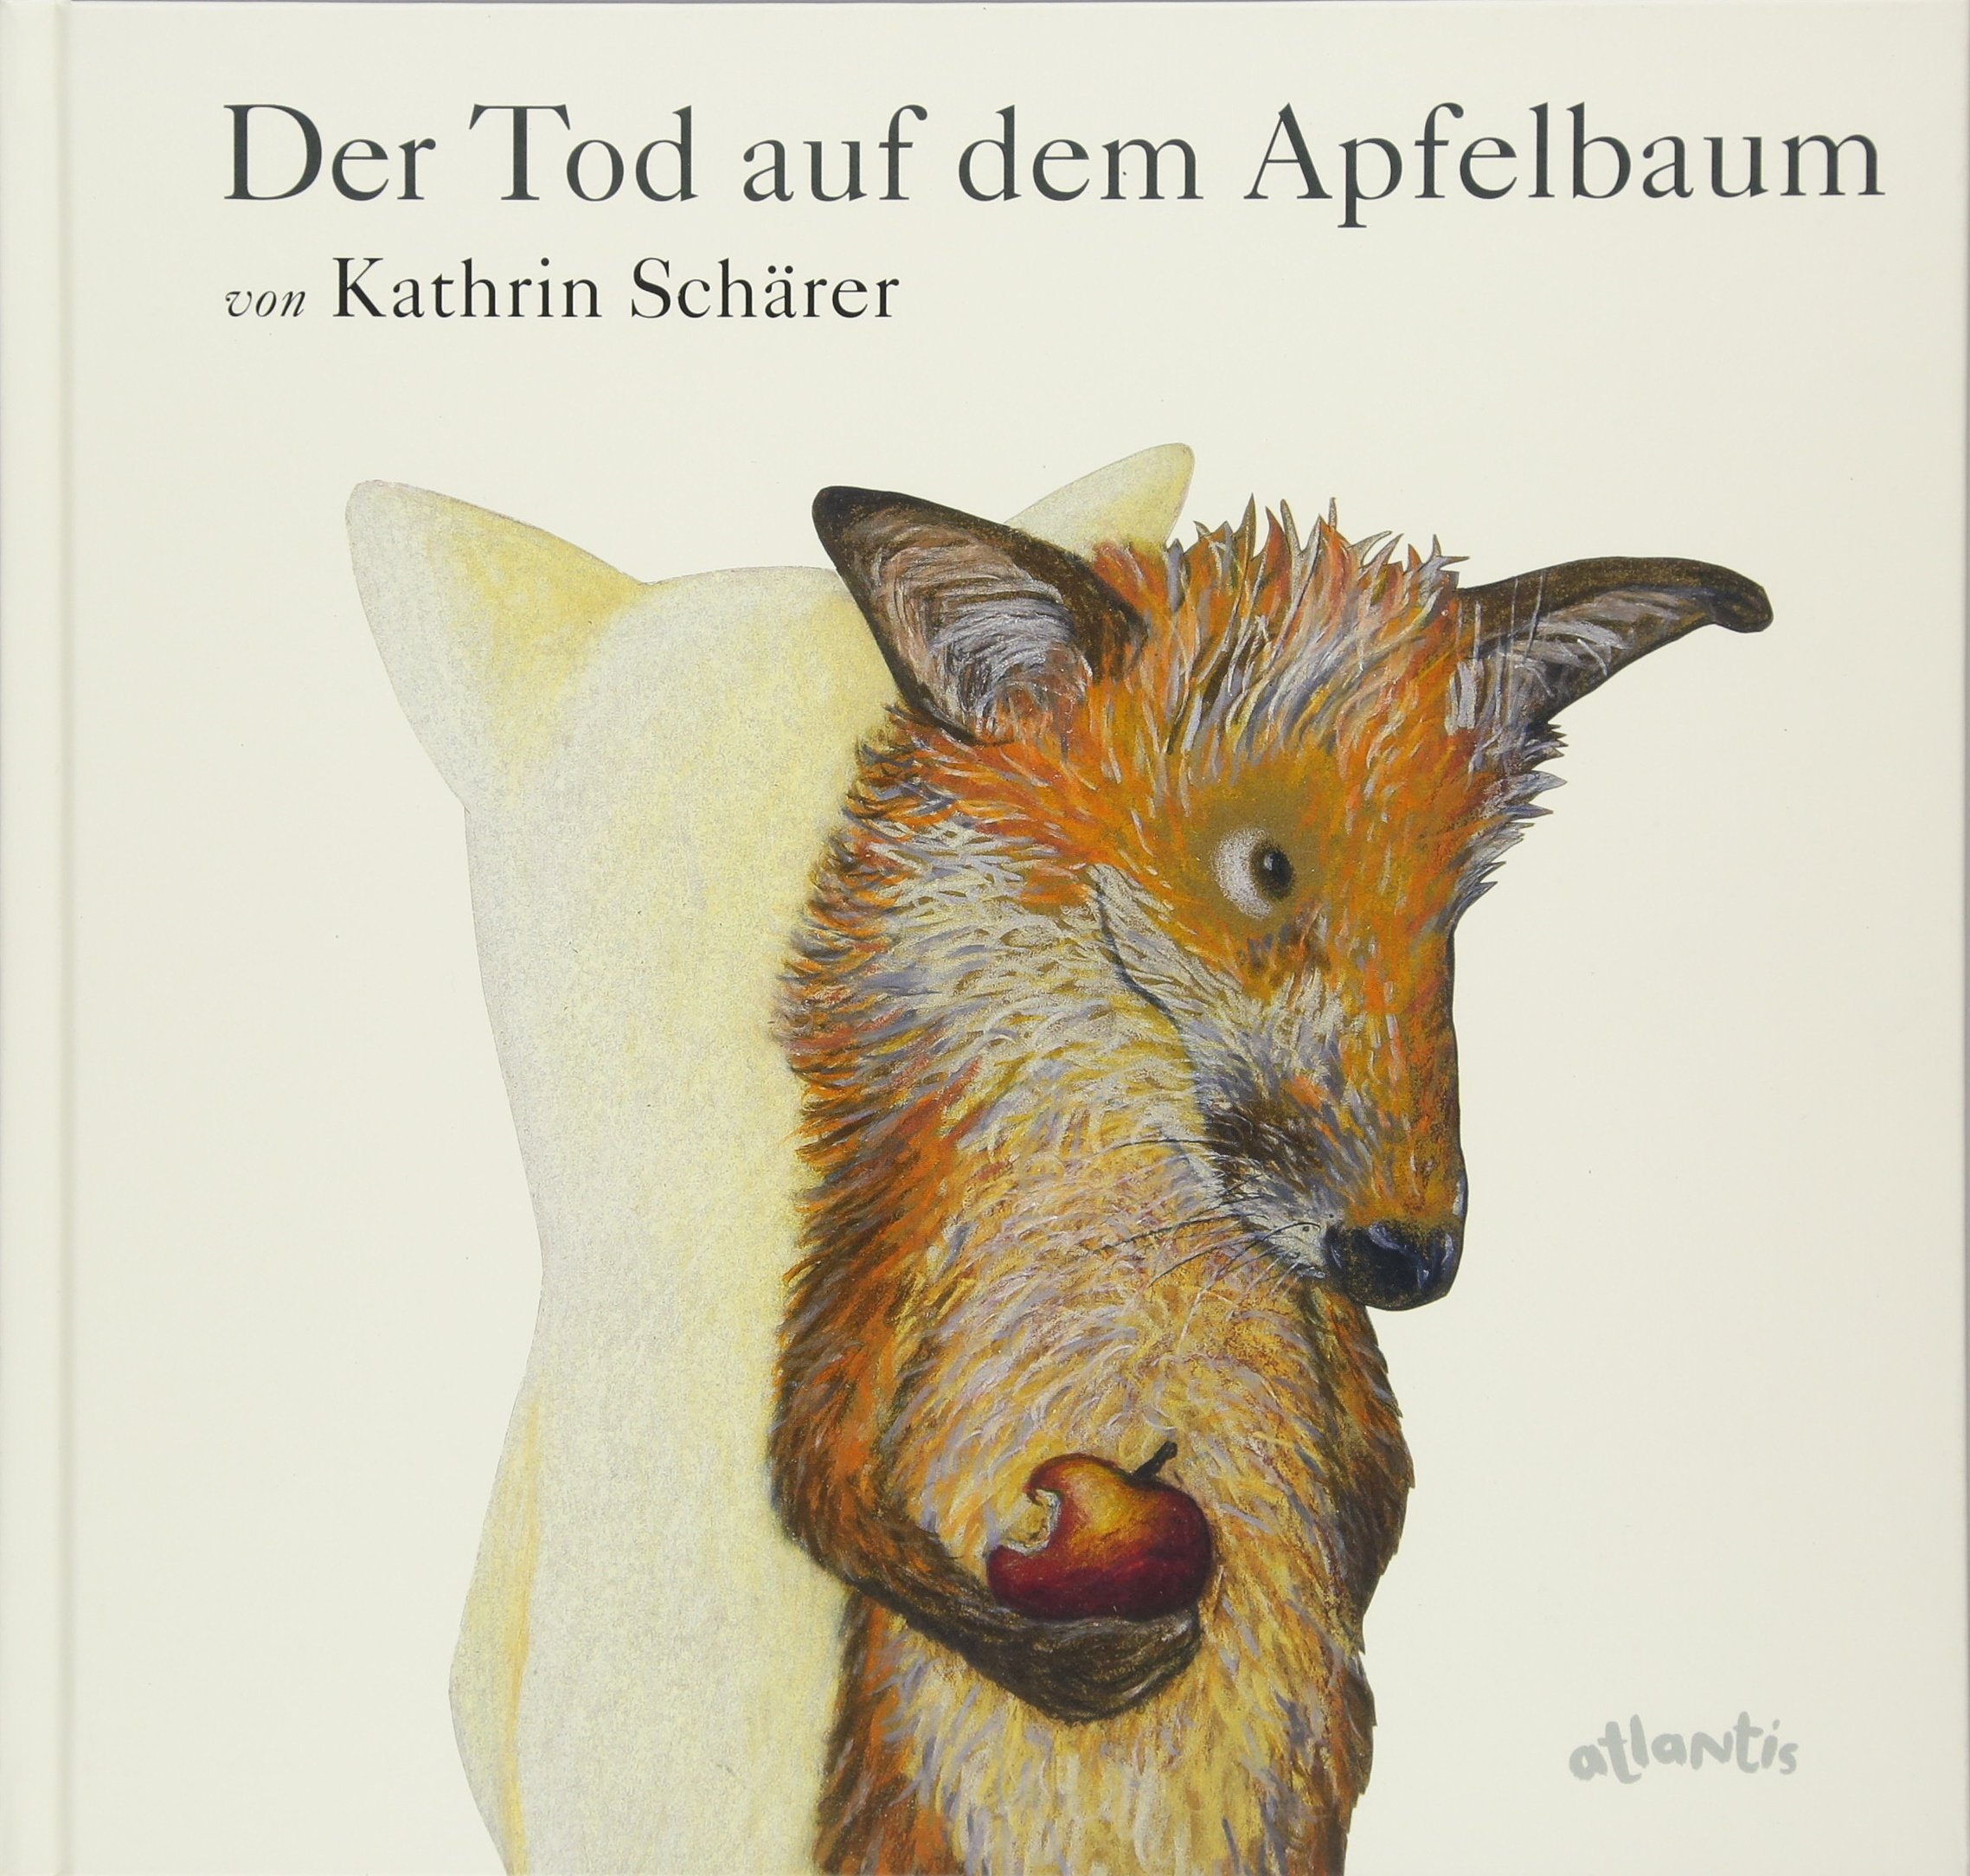 der-tod-auf-dem-apfelbaum-popular-fiction